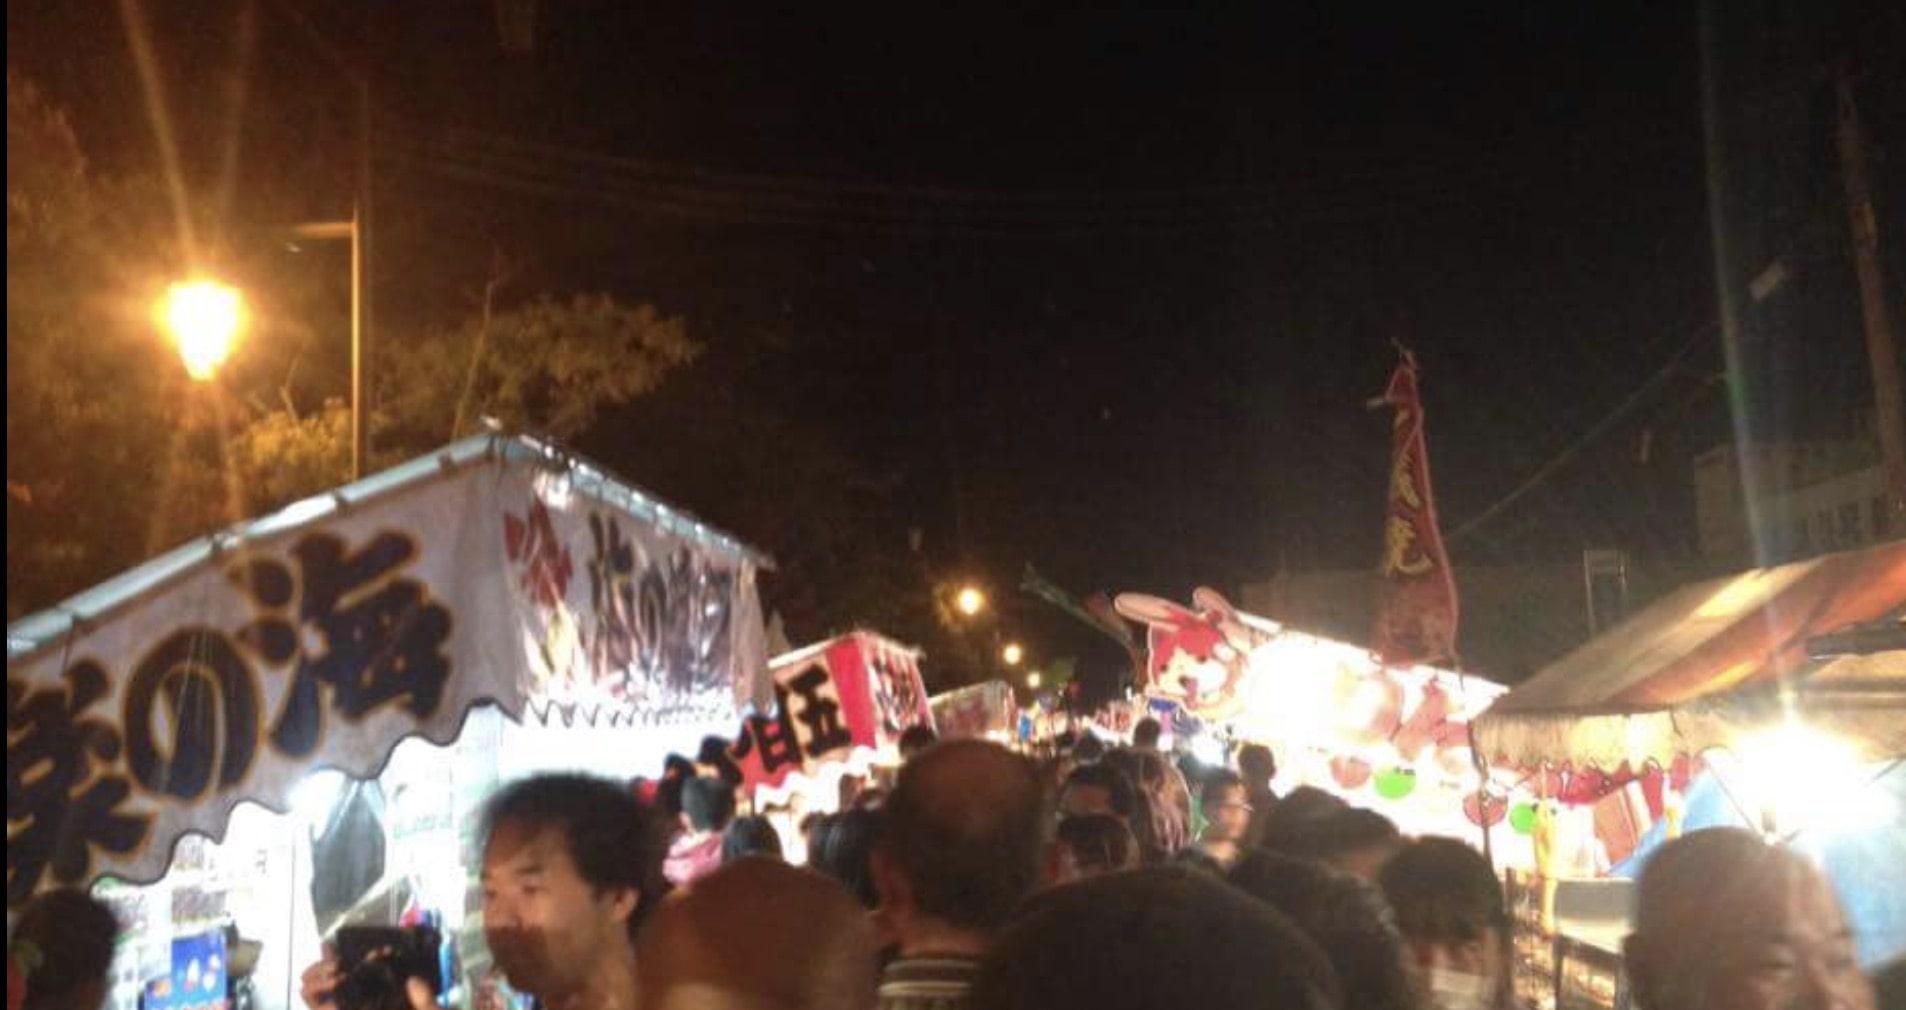 栗山天満宮秋季例大祭の露店の風景